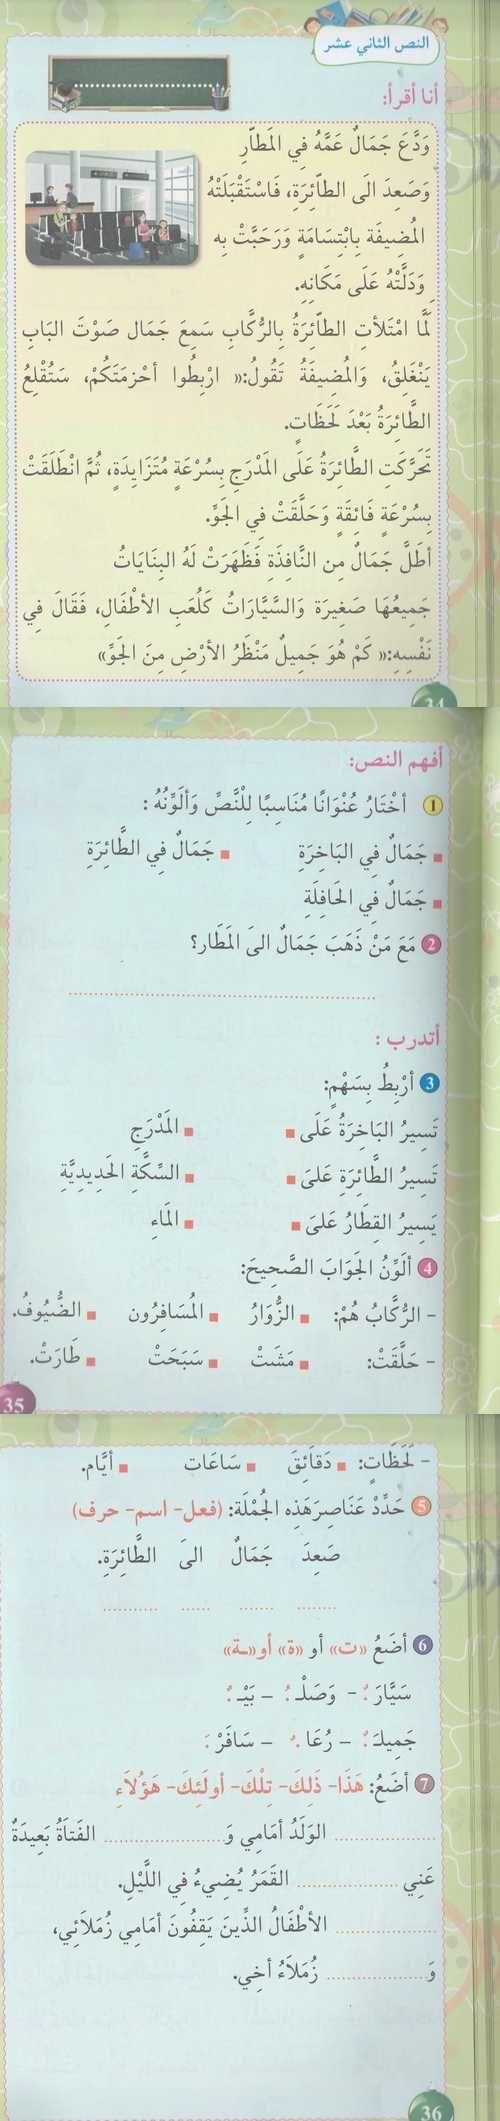 مكانة اللغة العربية